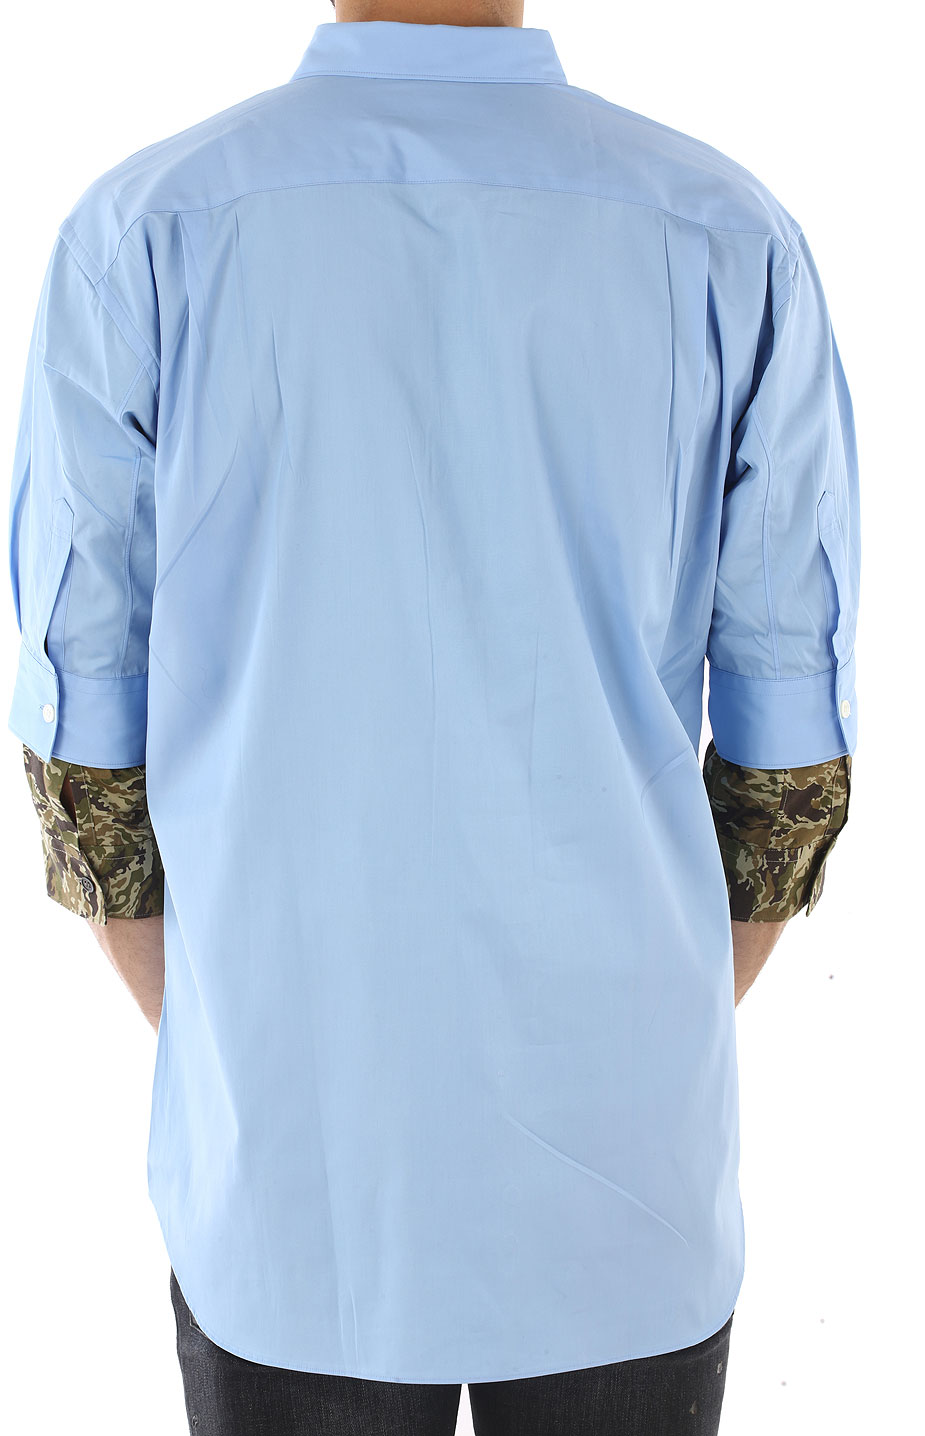 Abbigliamento Uomo Comme Des Gar�ons Codice Articolo S25010-azz-